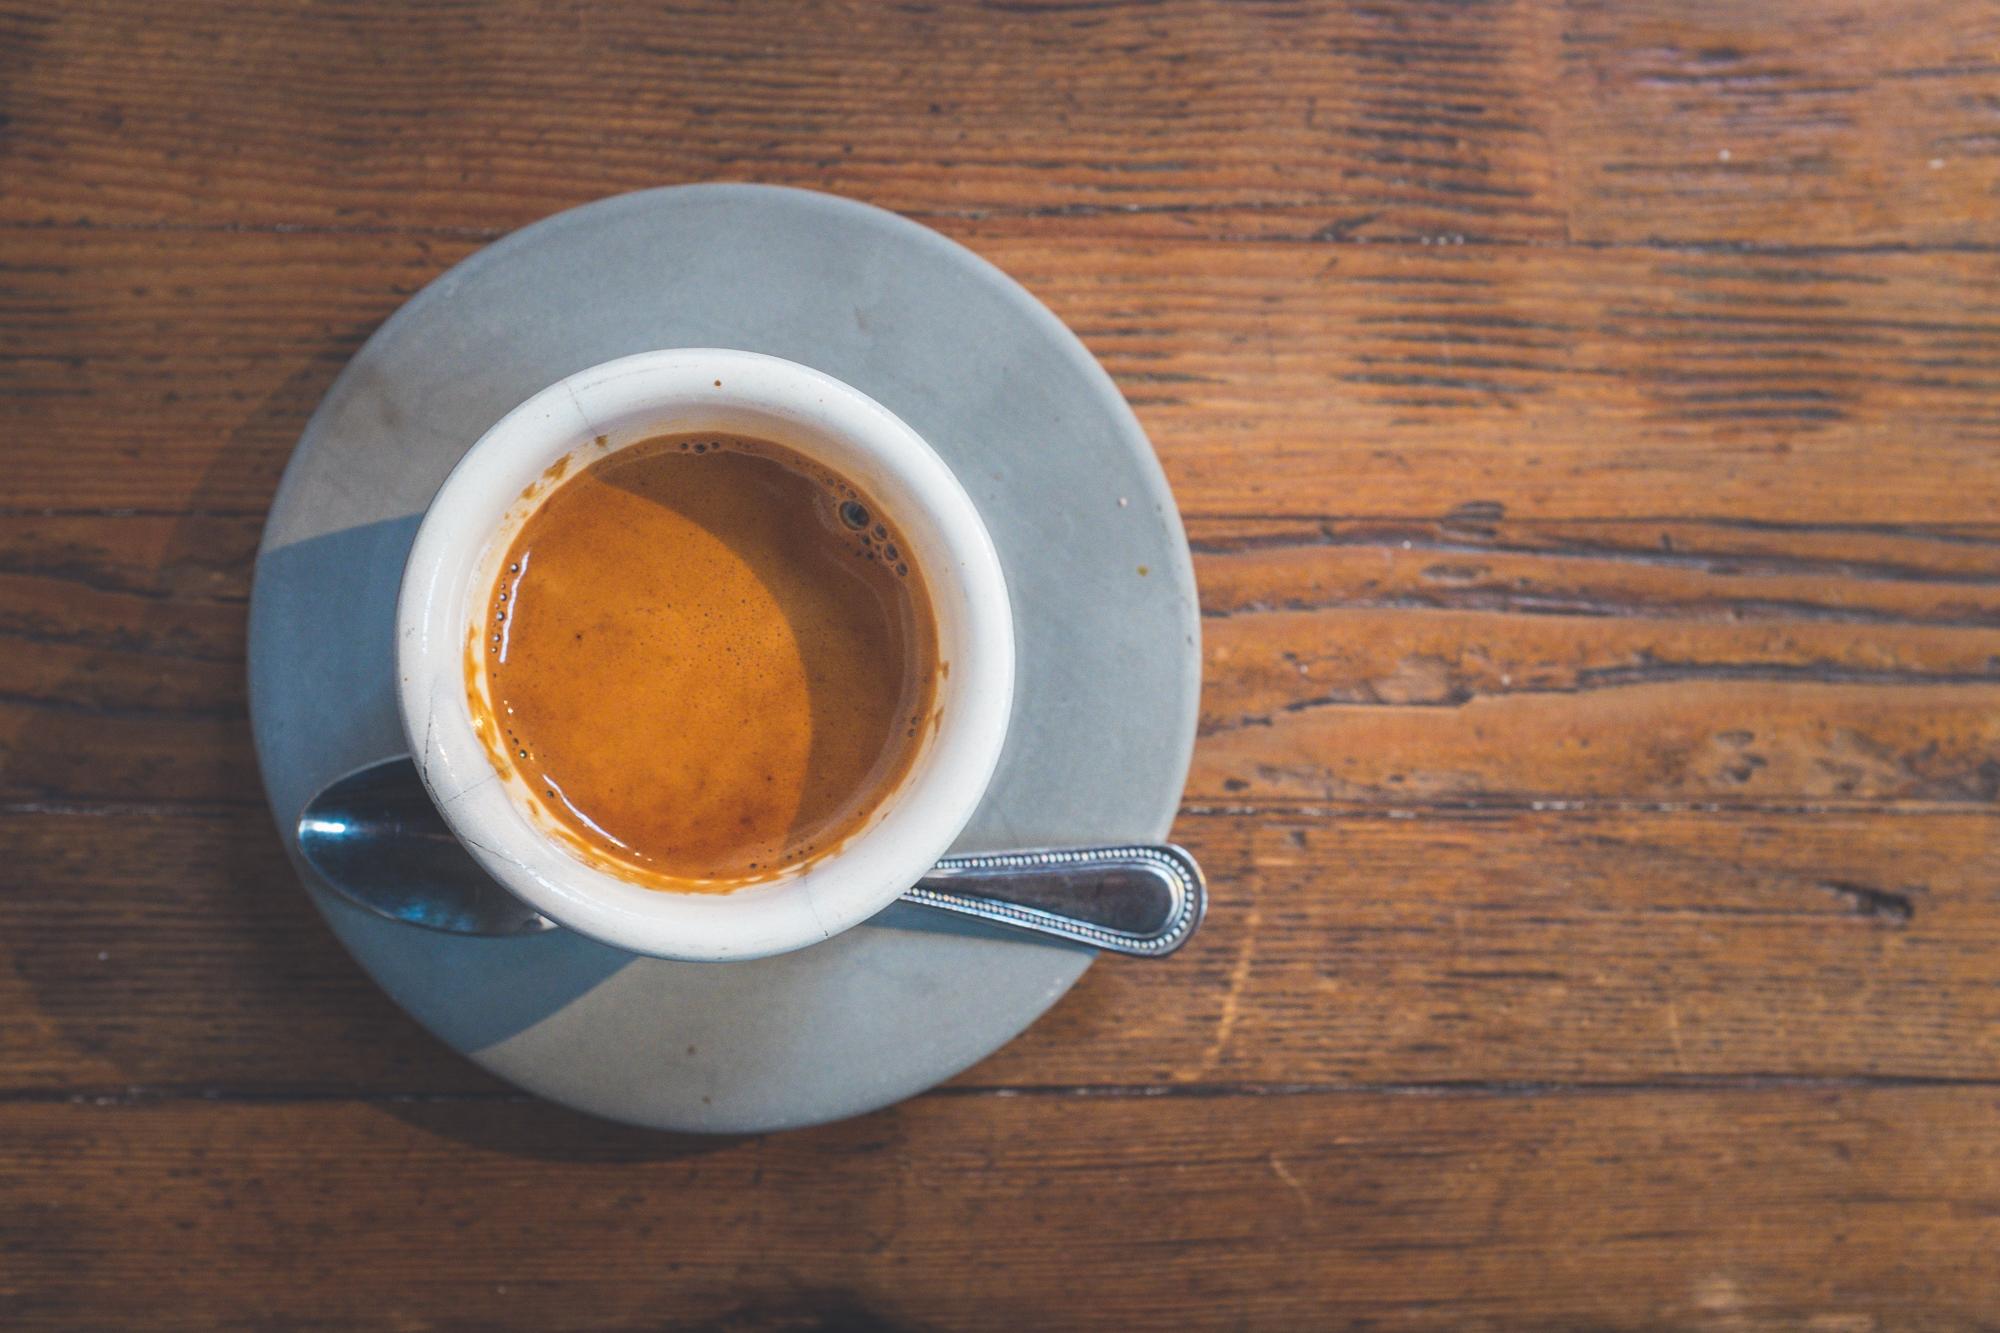 Coffee or not coffee ? - Excitant et addictif, le café n'en demeure pas moins une boisson de dégustation riche de certains bienfaits : anti-inflammatoire, antioxydant, il apporte aussi des vitamines et minéraux. Quant à son effet potentiellement acidifiant, tout reste à prouver. Explications.